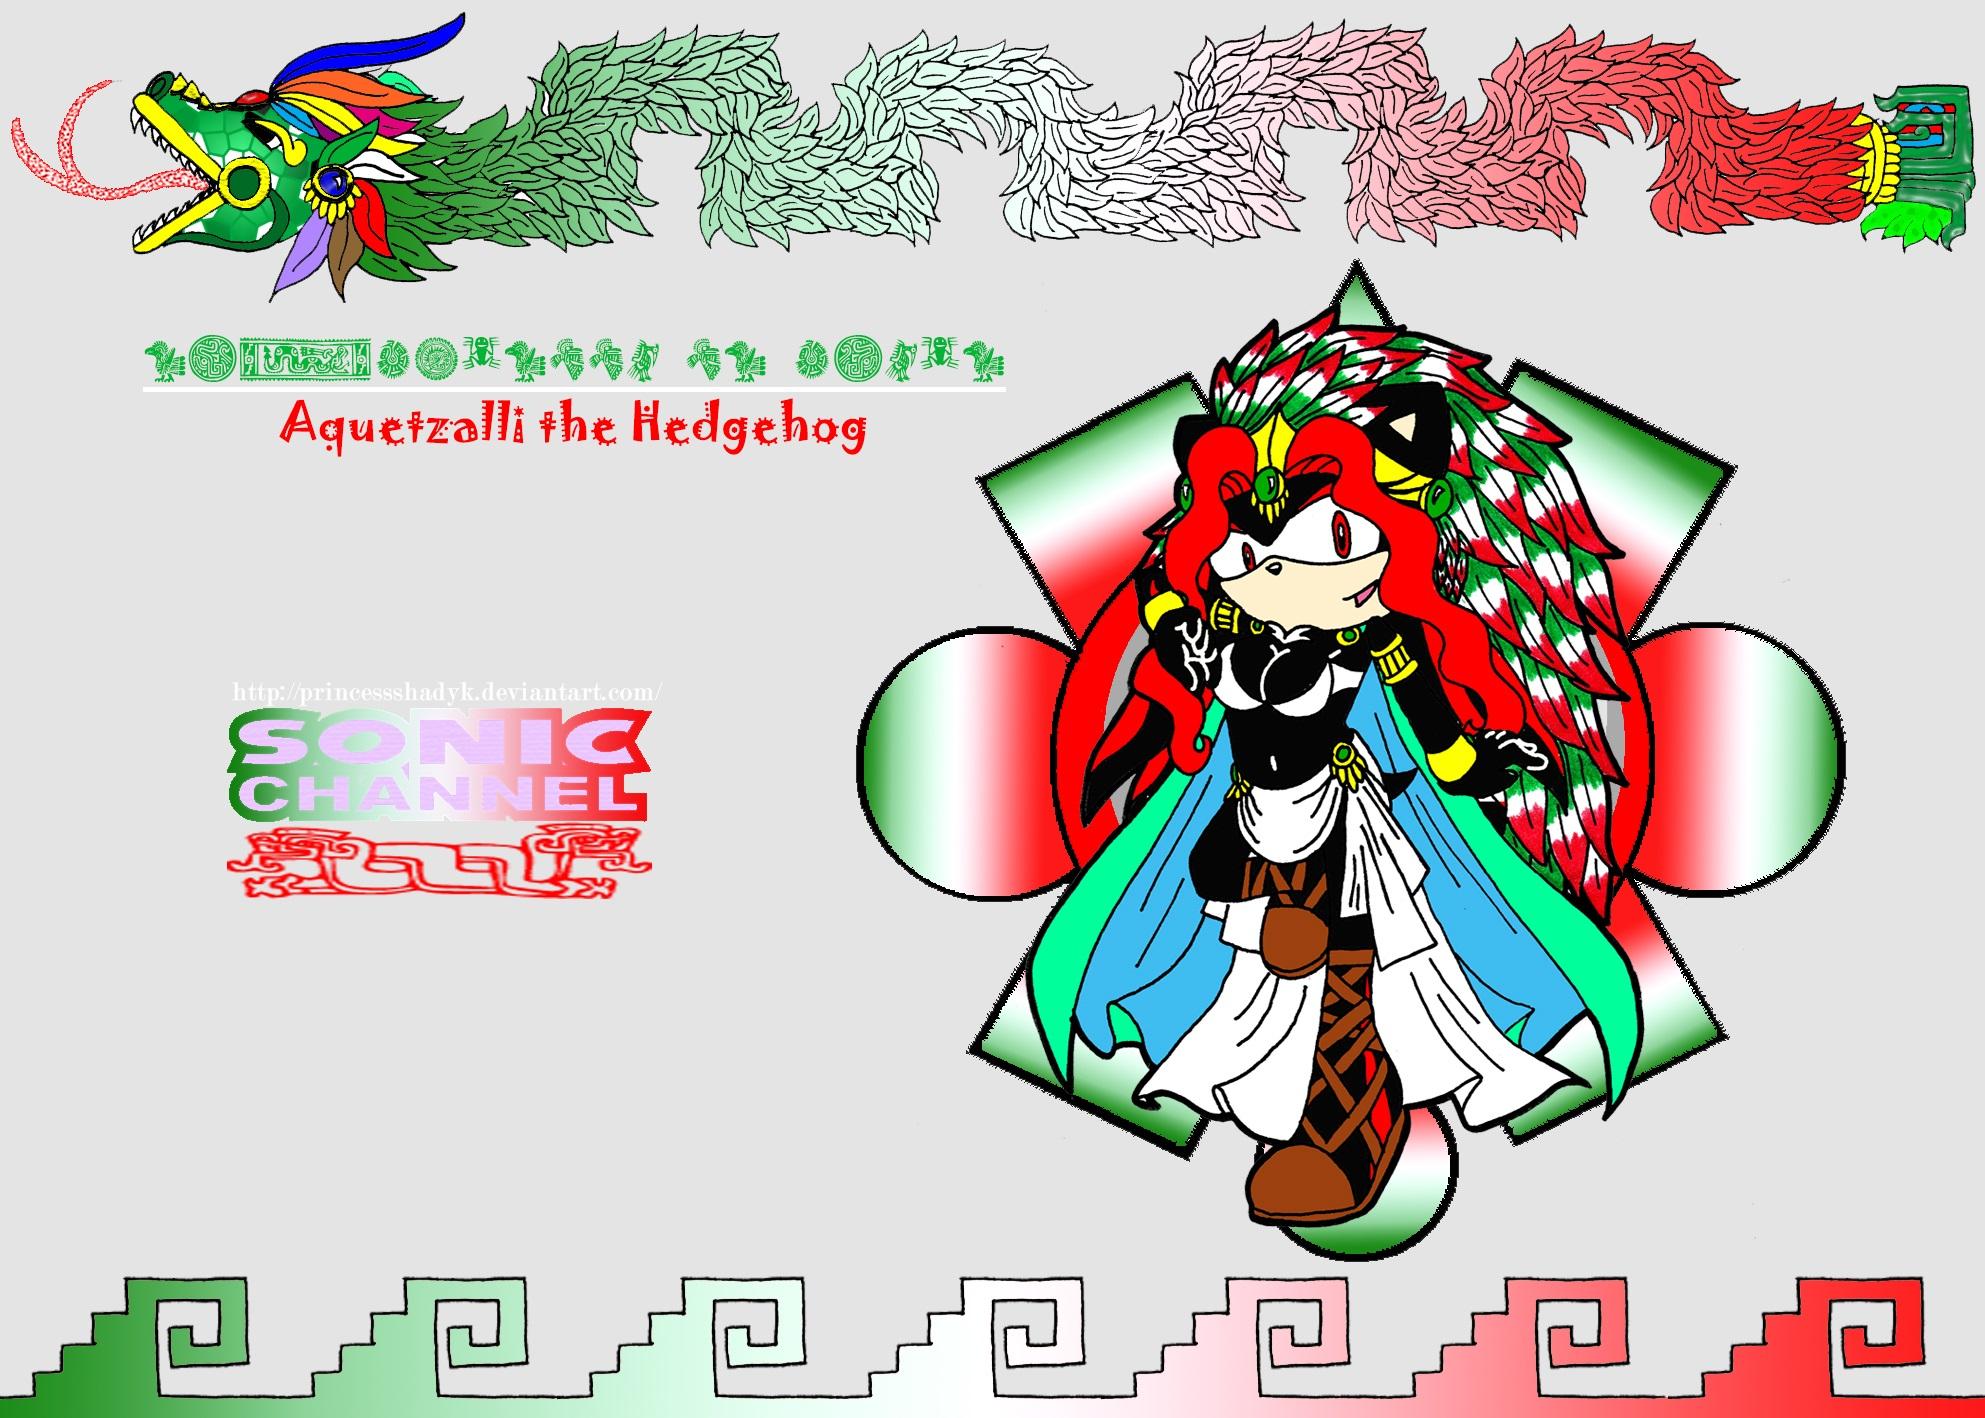 Aquetzalli the Hedgehog (Shadyk) xXSonic ChannelXx by PrincessShadyk